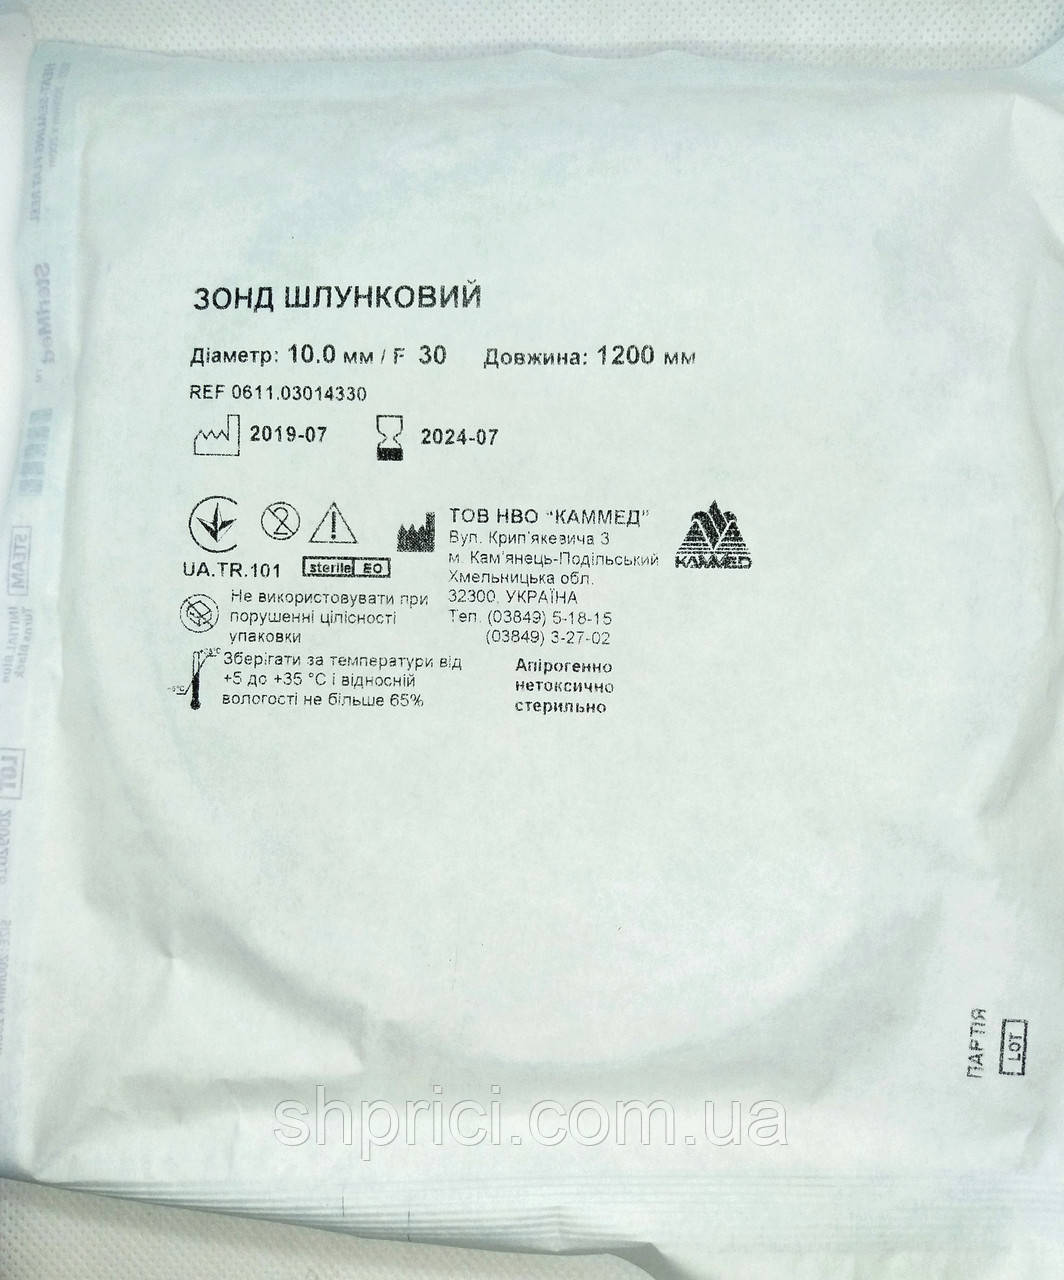 Зонд желудочный (катетер) № 30, диаметр 10,0 (1200 мм) / Каммед